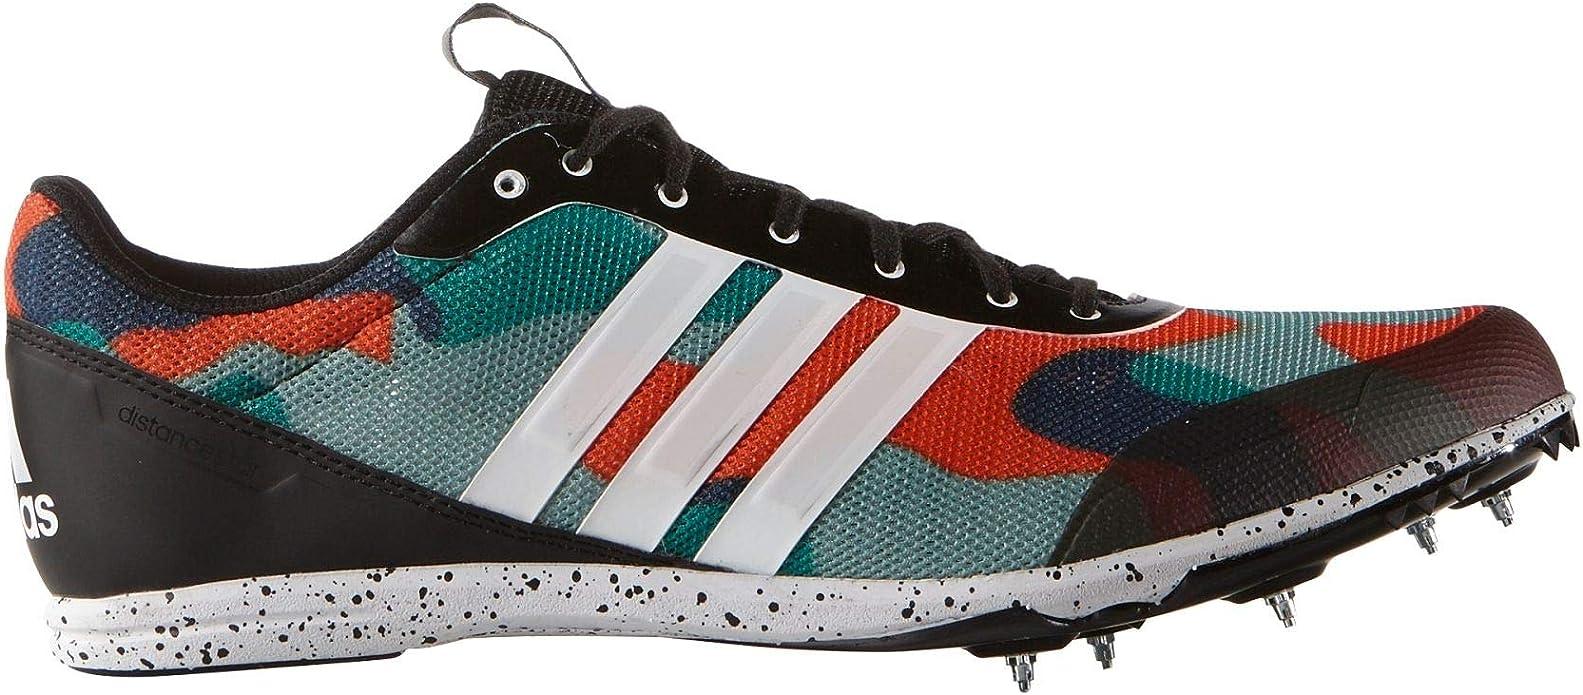 Adidas Distancestar Zapatilla De Correr con Clavos - SS16-44 ...